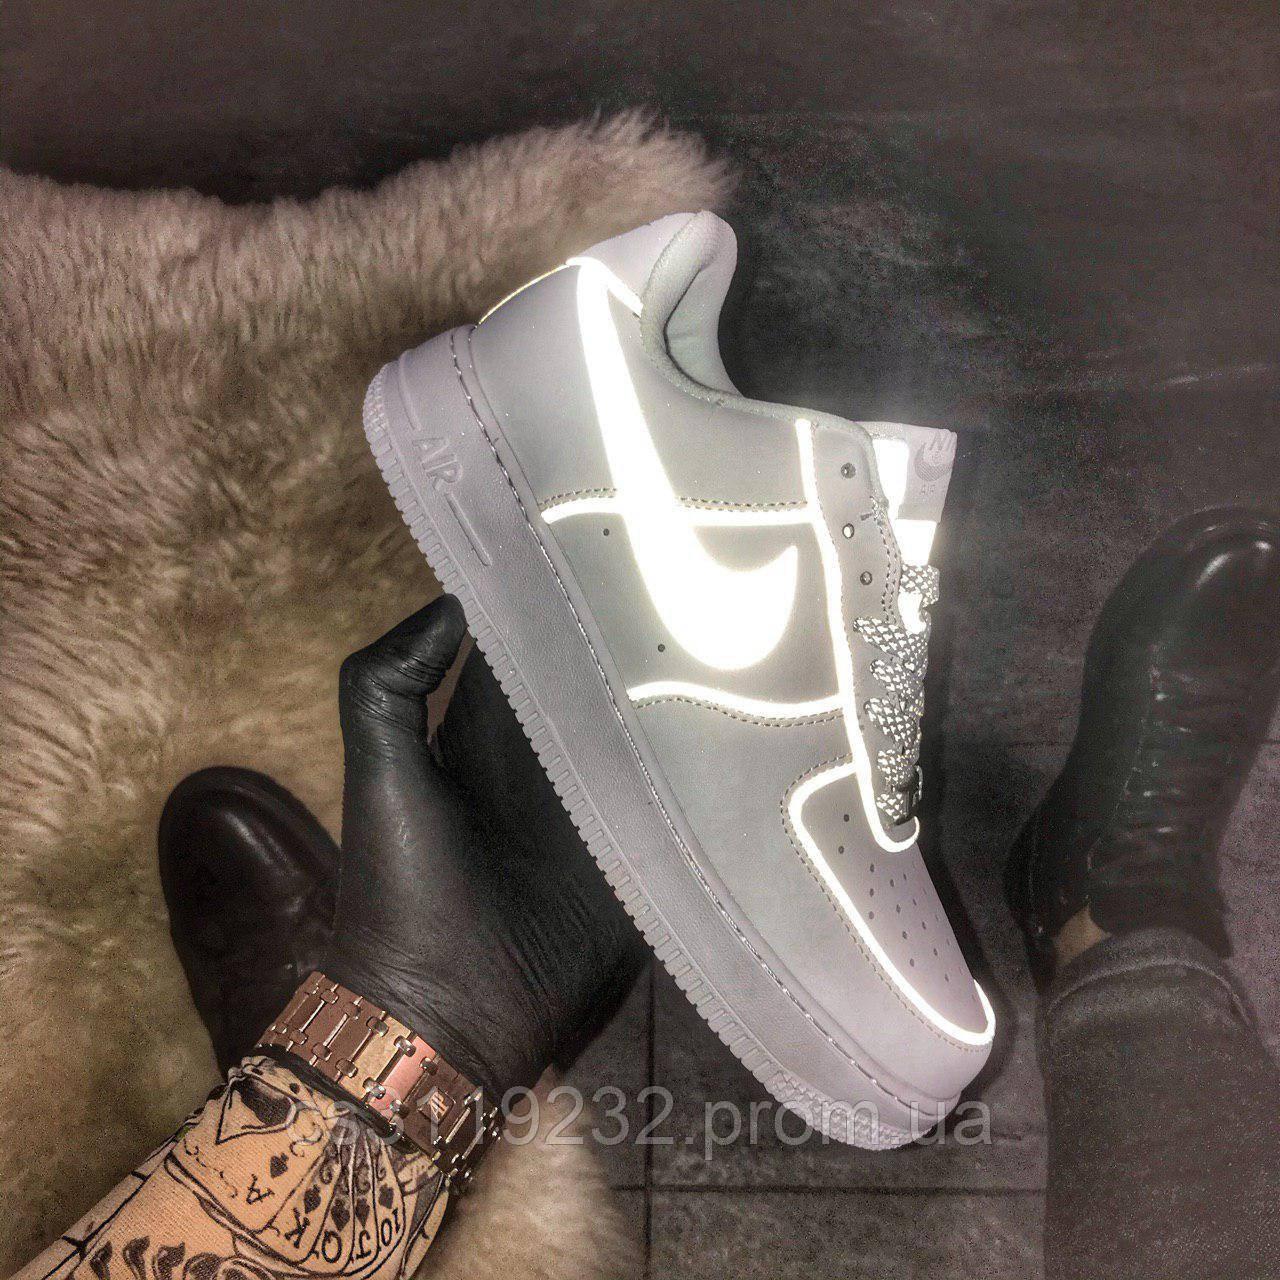 Чоловічі кросівки Nike Air Force Low White Grey Reflective (білі)